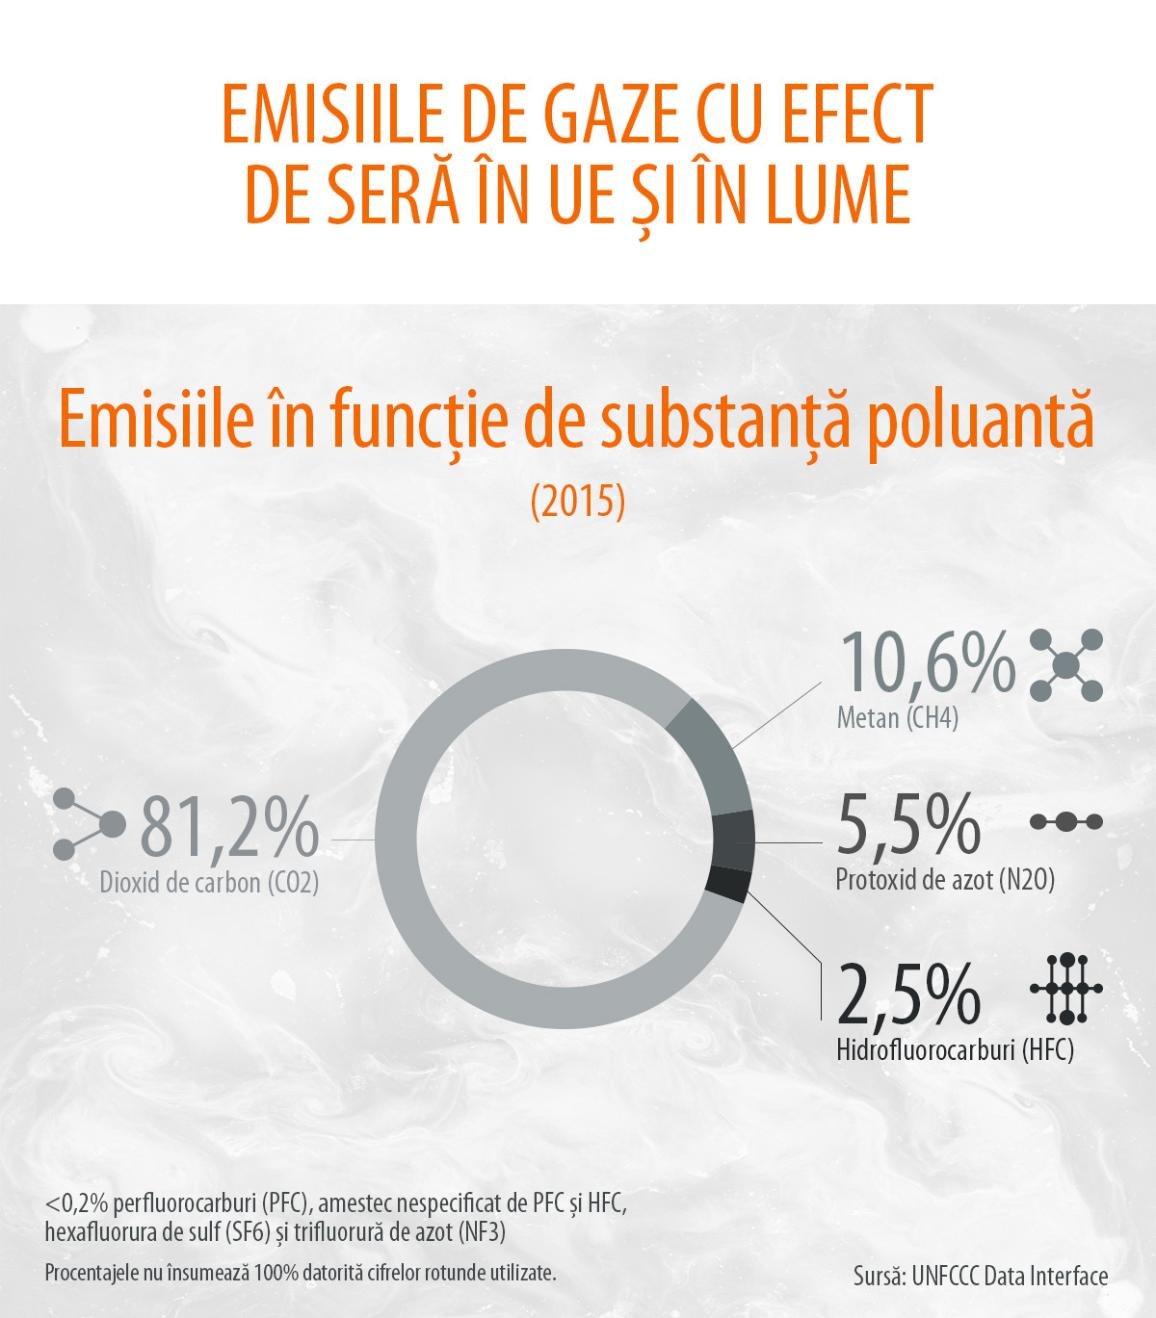 Infografic privind emisiile de gaze cu efect de seră produse în UE în 2015 și ponderea diferitelor gaze: